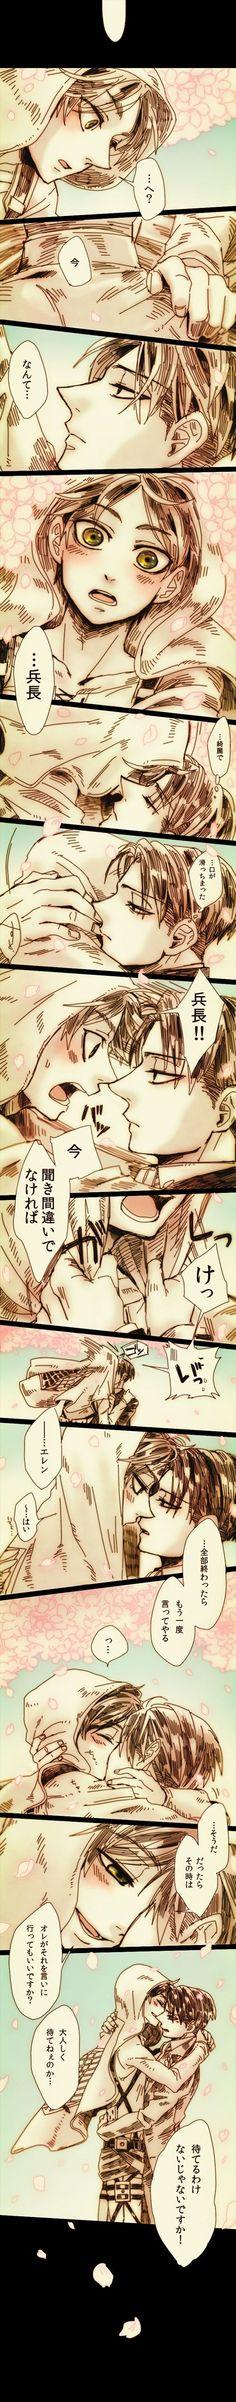 Rivaille (Levi) x Eren Jaeger Ereri, Eren E Levi, Attack On Titan Eren, Attack On Titan Ships, Armin, Mikasa, Cosplay Meme, Shounen Ai, Anime Ships